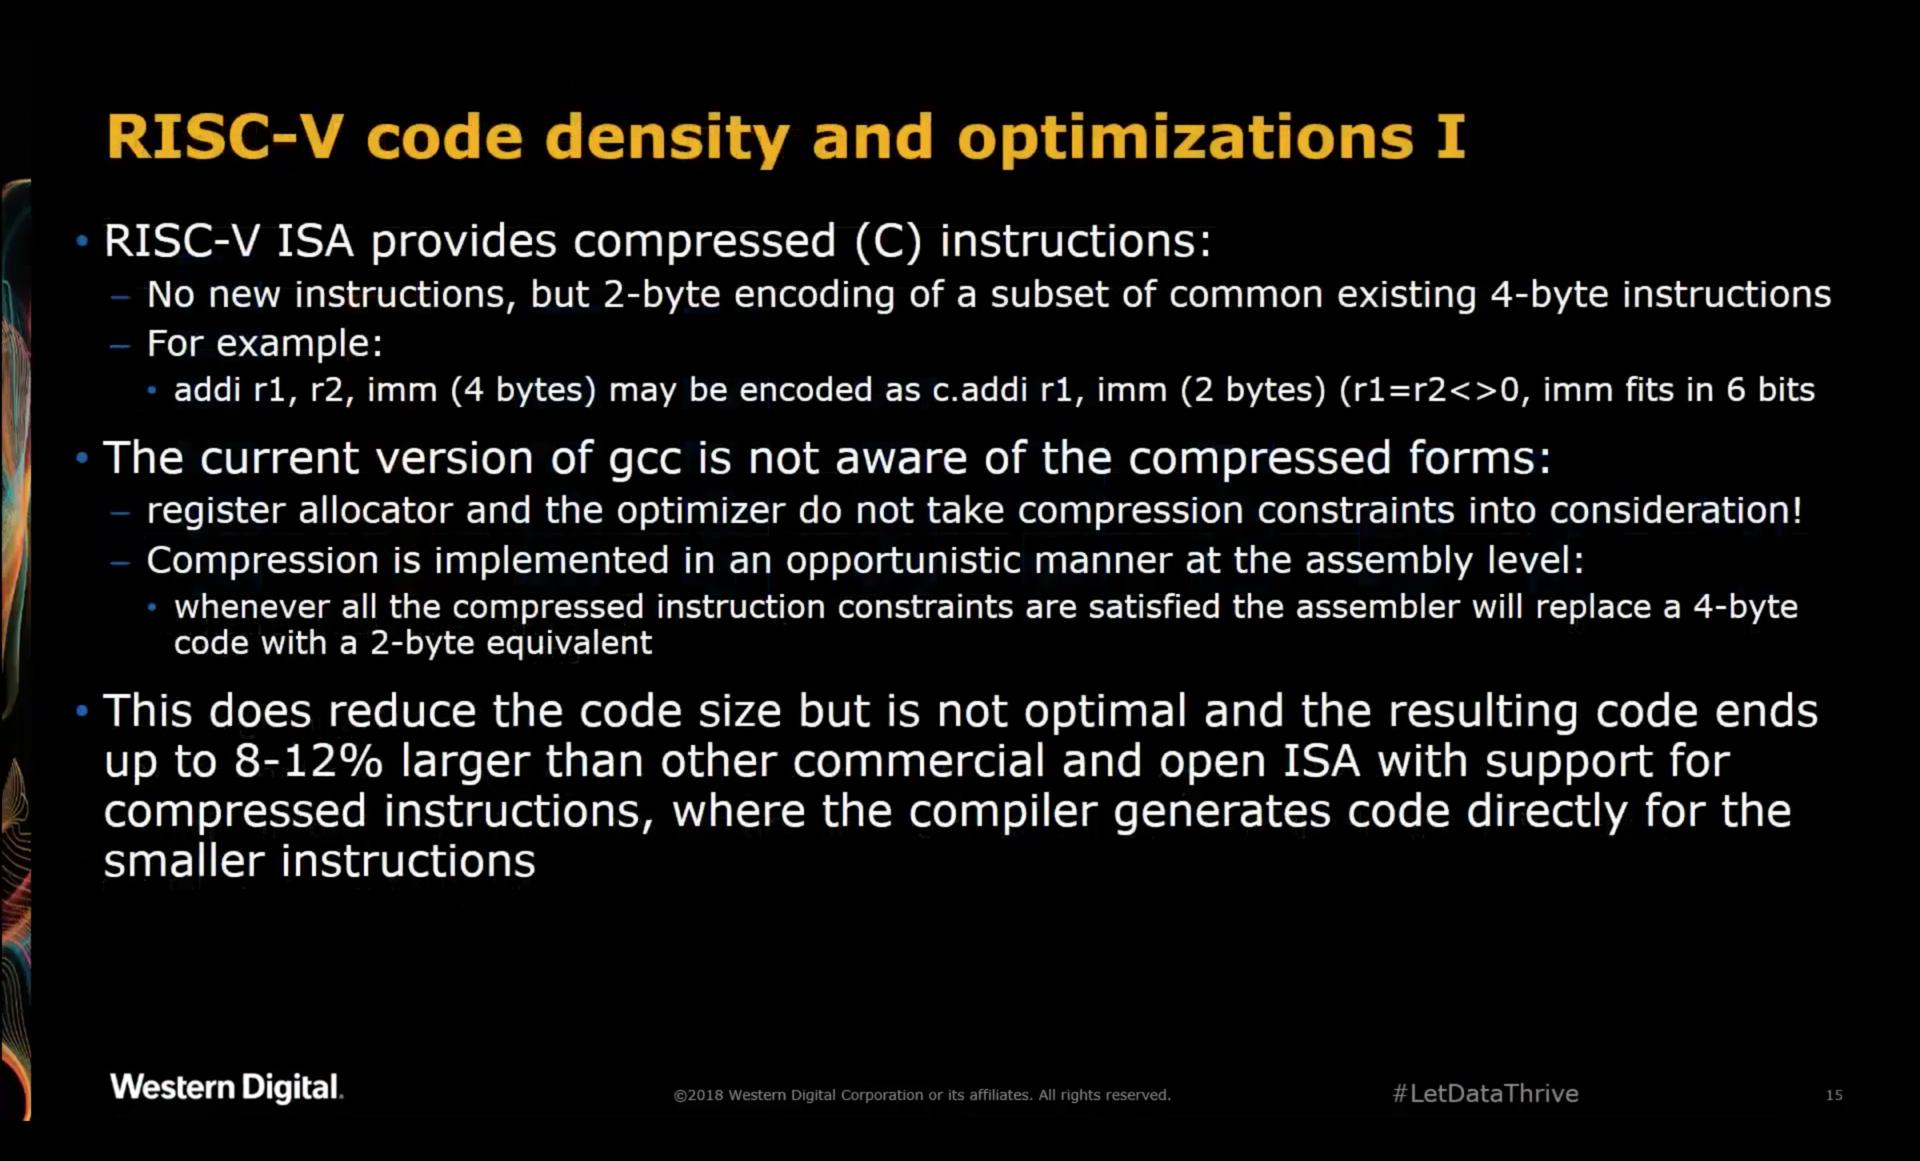 RISC-V Code Density and Optimization 1